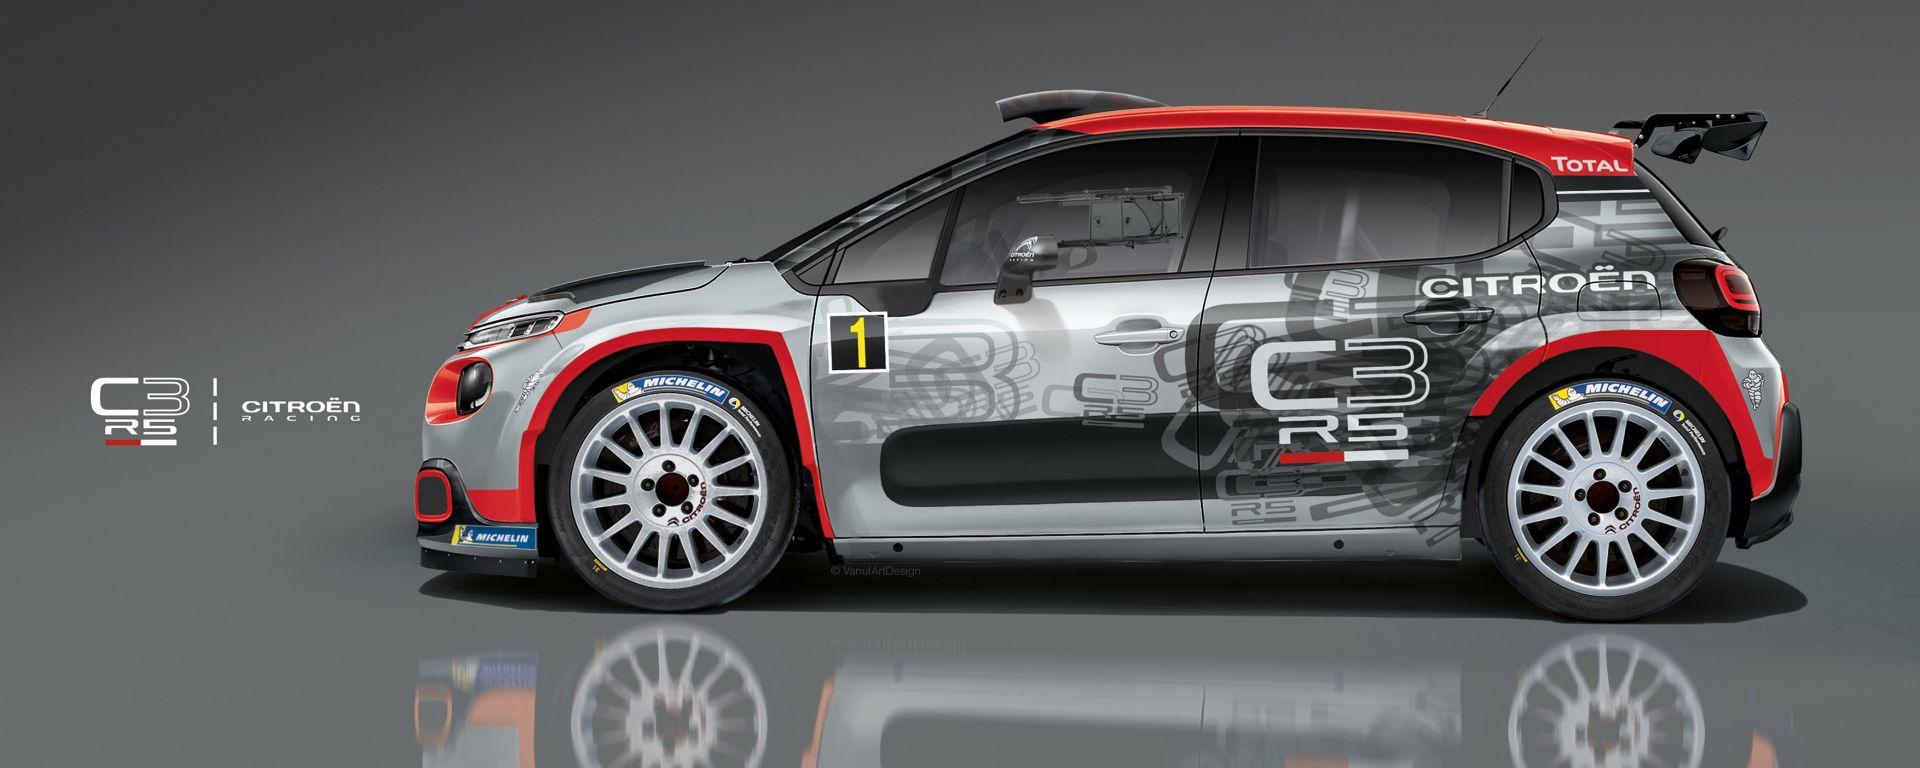 La Citroen C3 R5 debutta nel FIA WRC 2